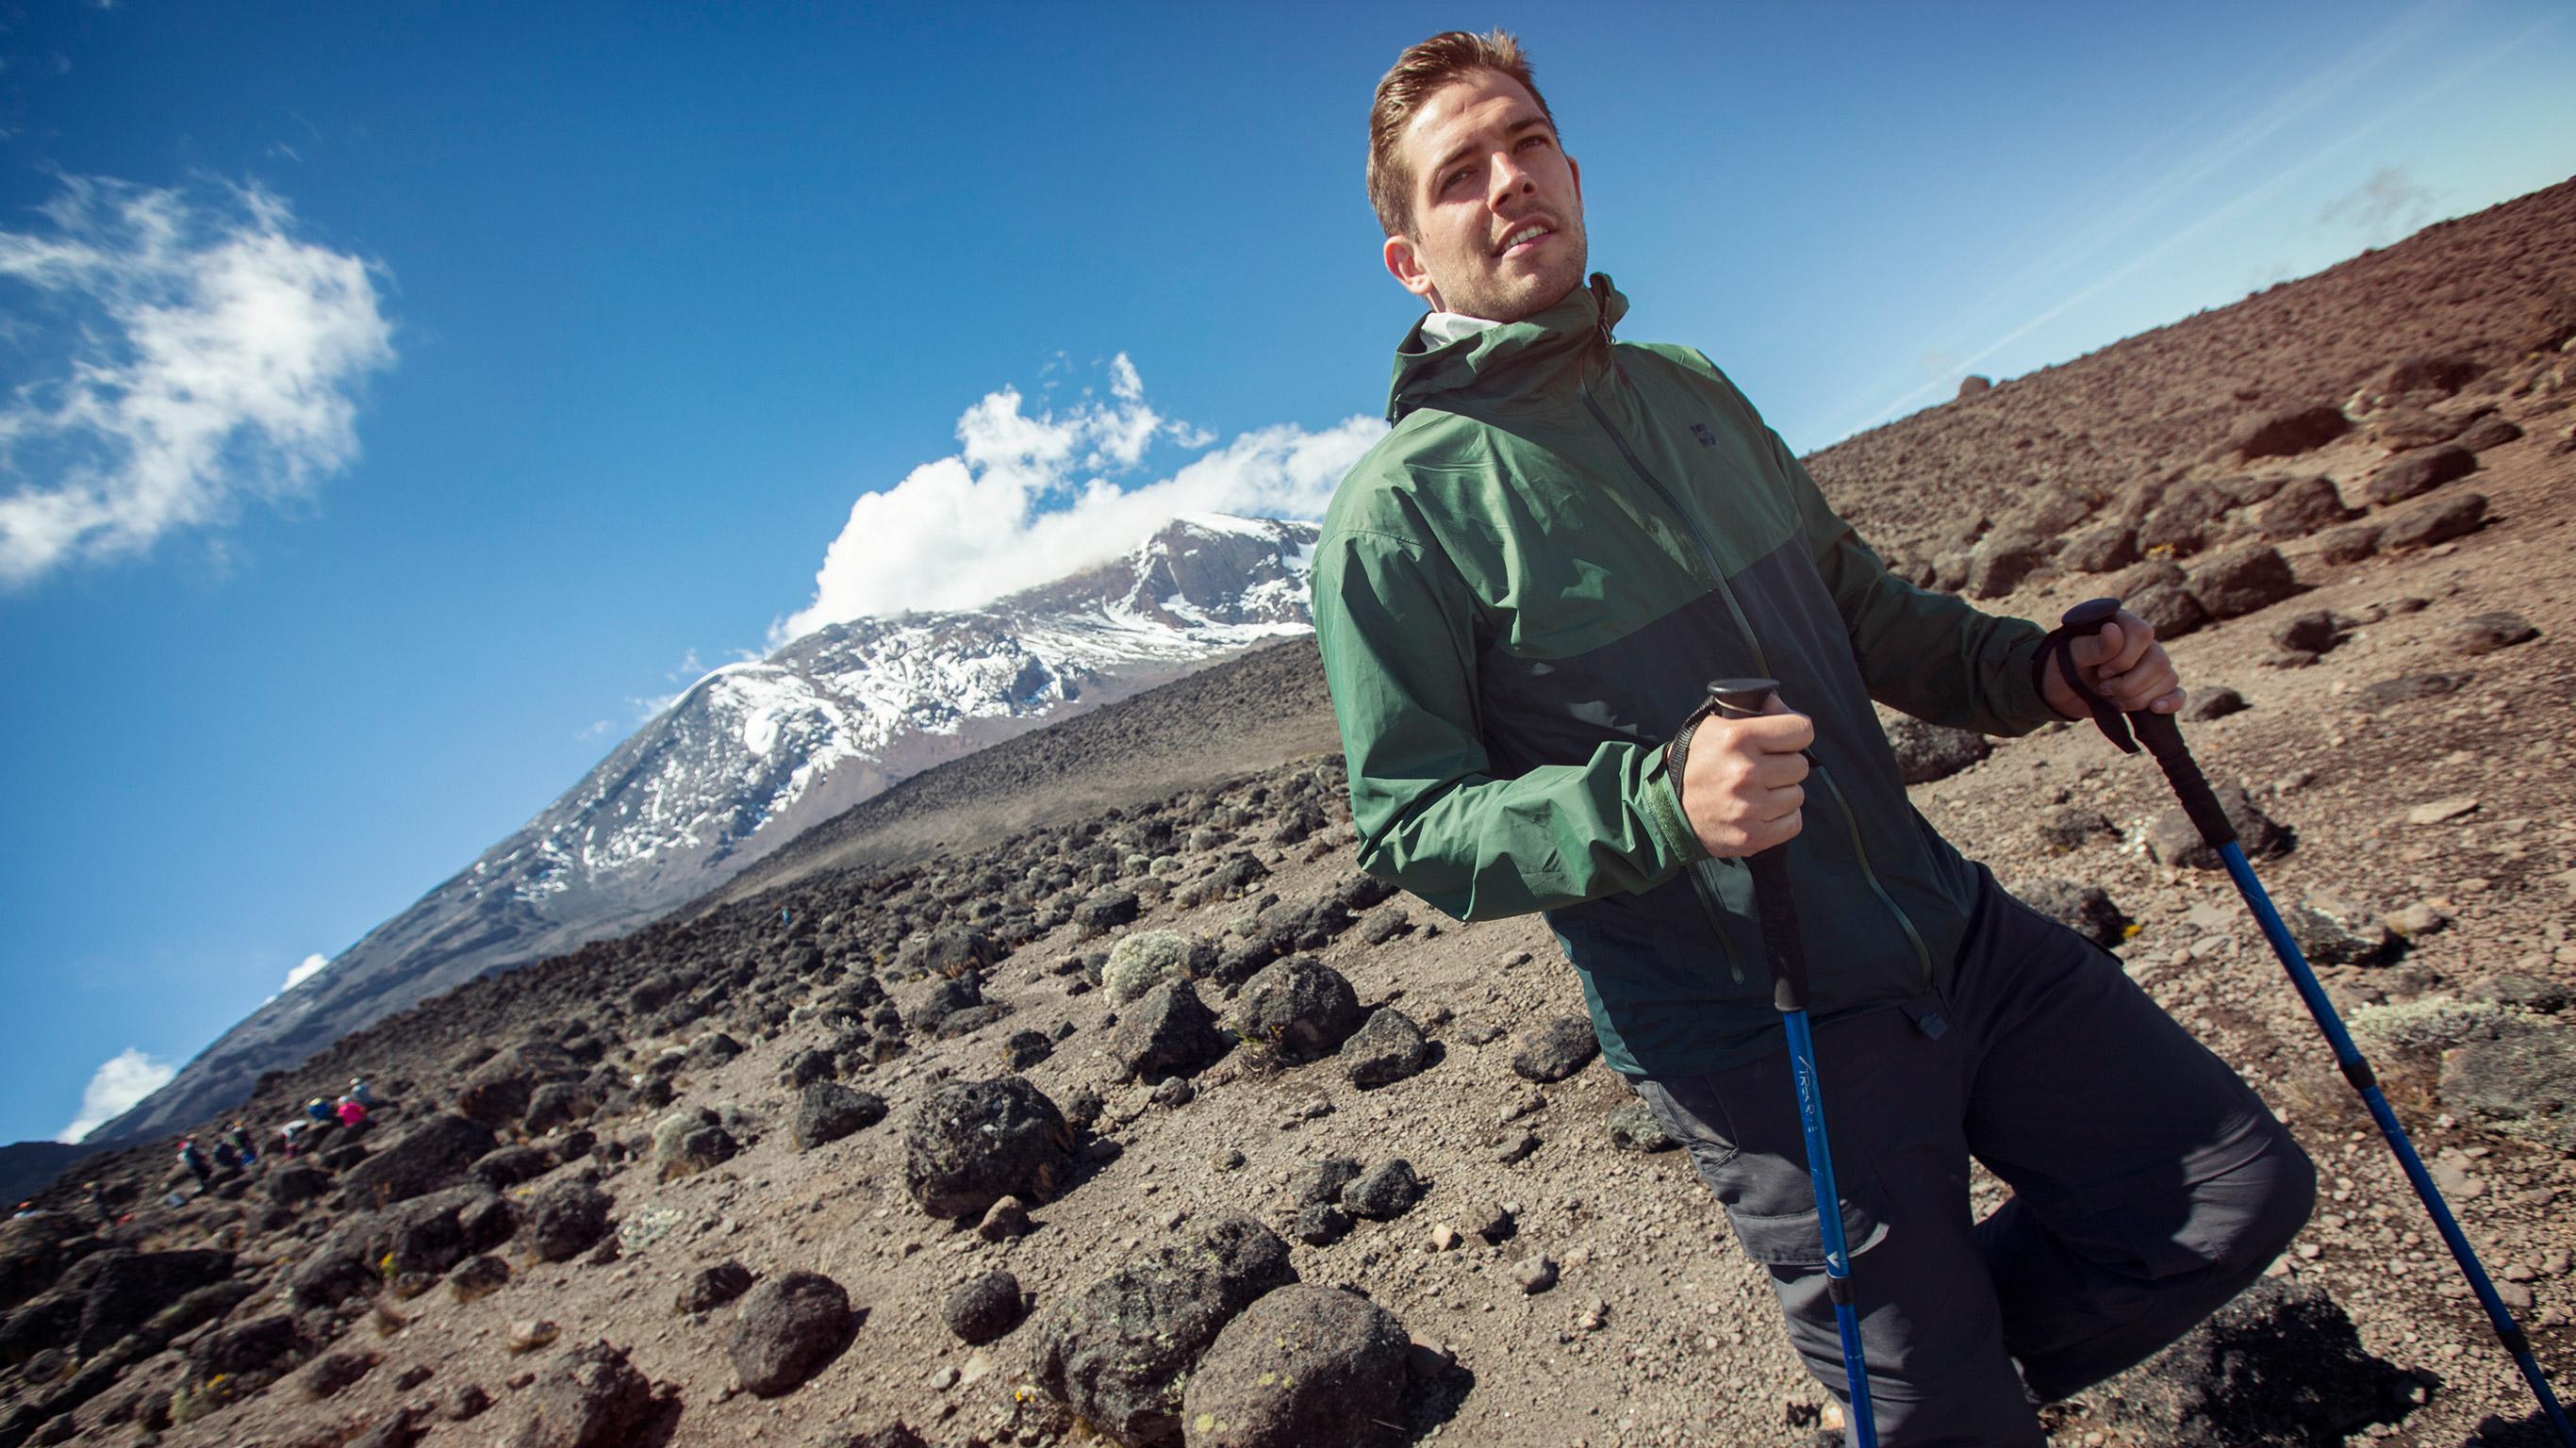 mt-kilimanjaro-trek-marangu-route